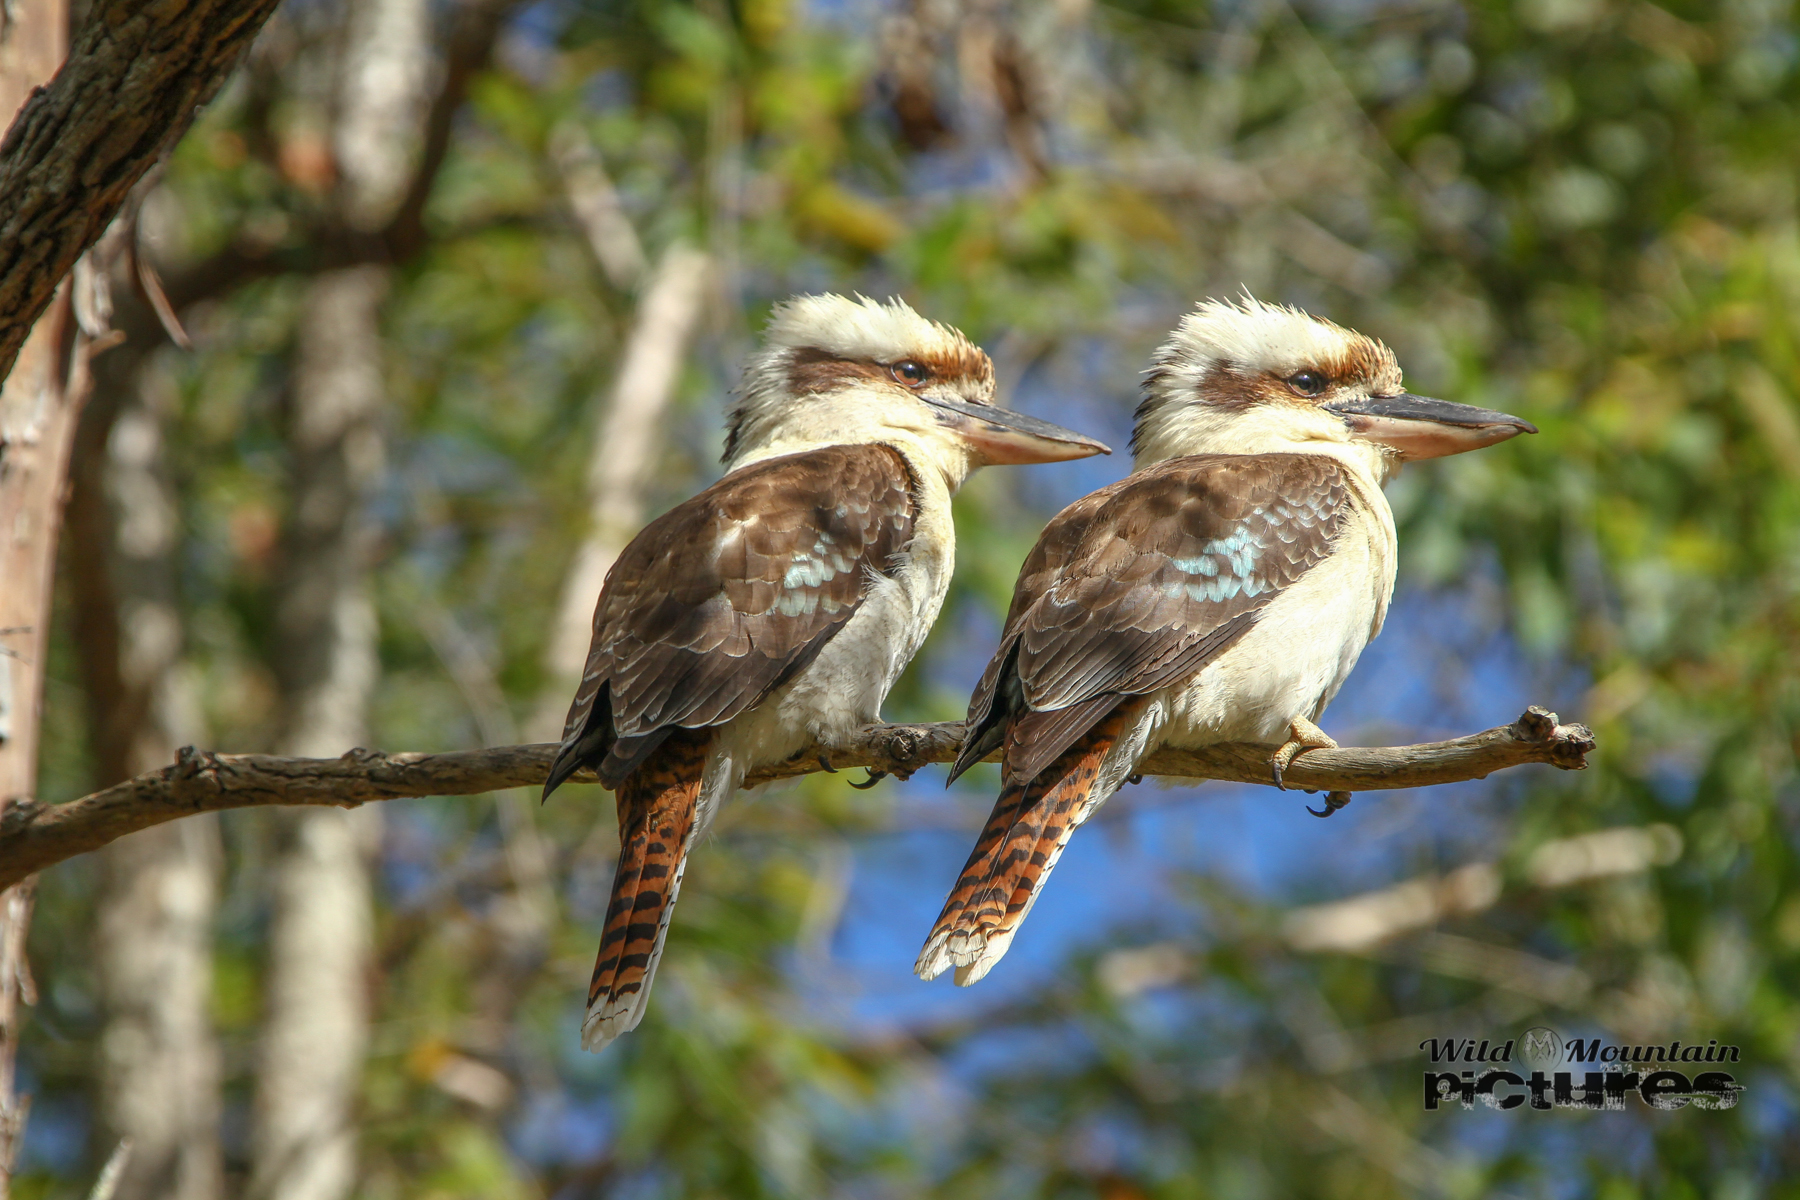 Two Kookaburras